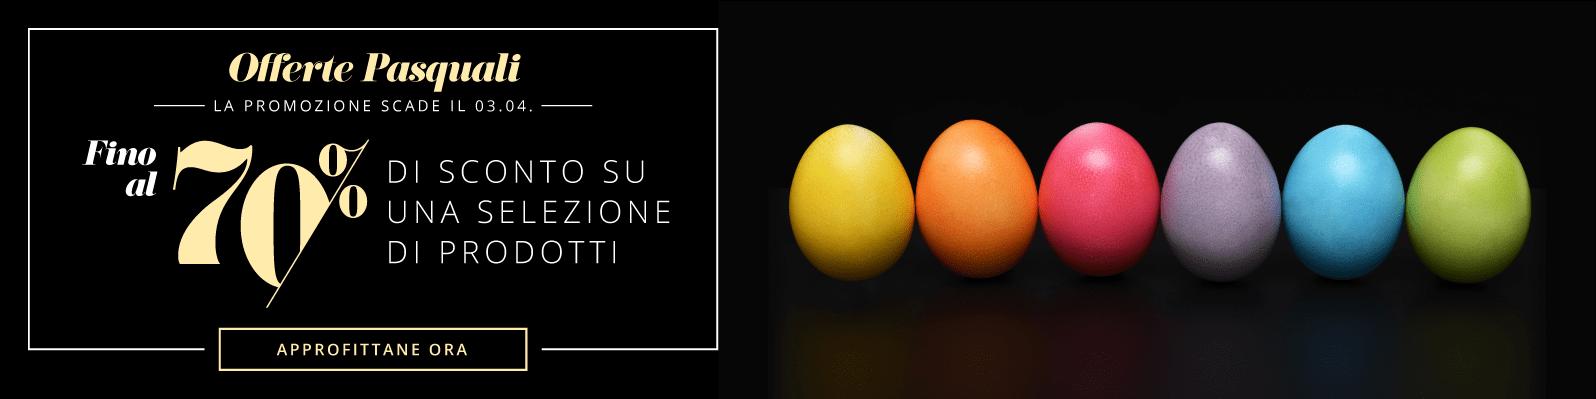 Offerte Pasquali - Fino al 70% di sconto su una selezione di prodotti